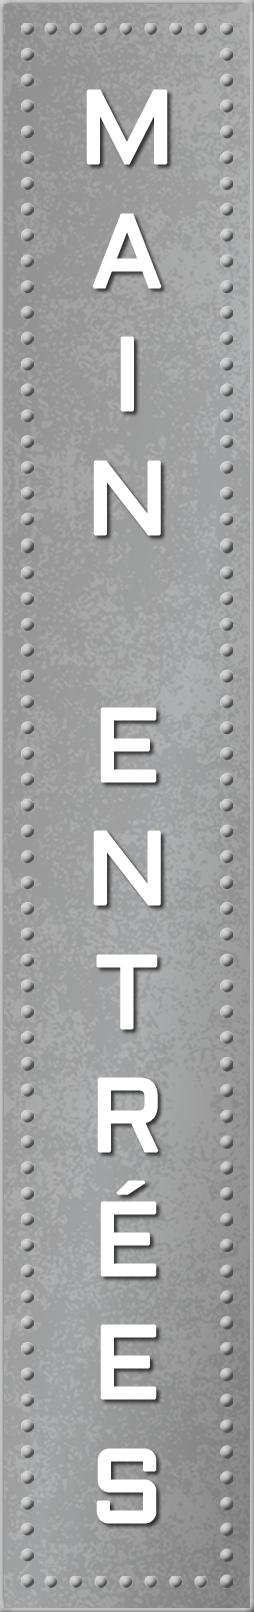 Main Entrées Grey Light Up Sign